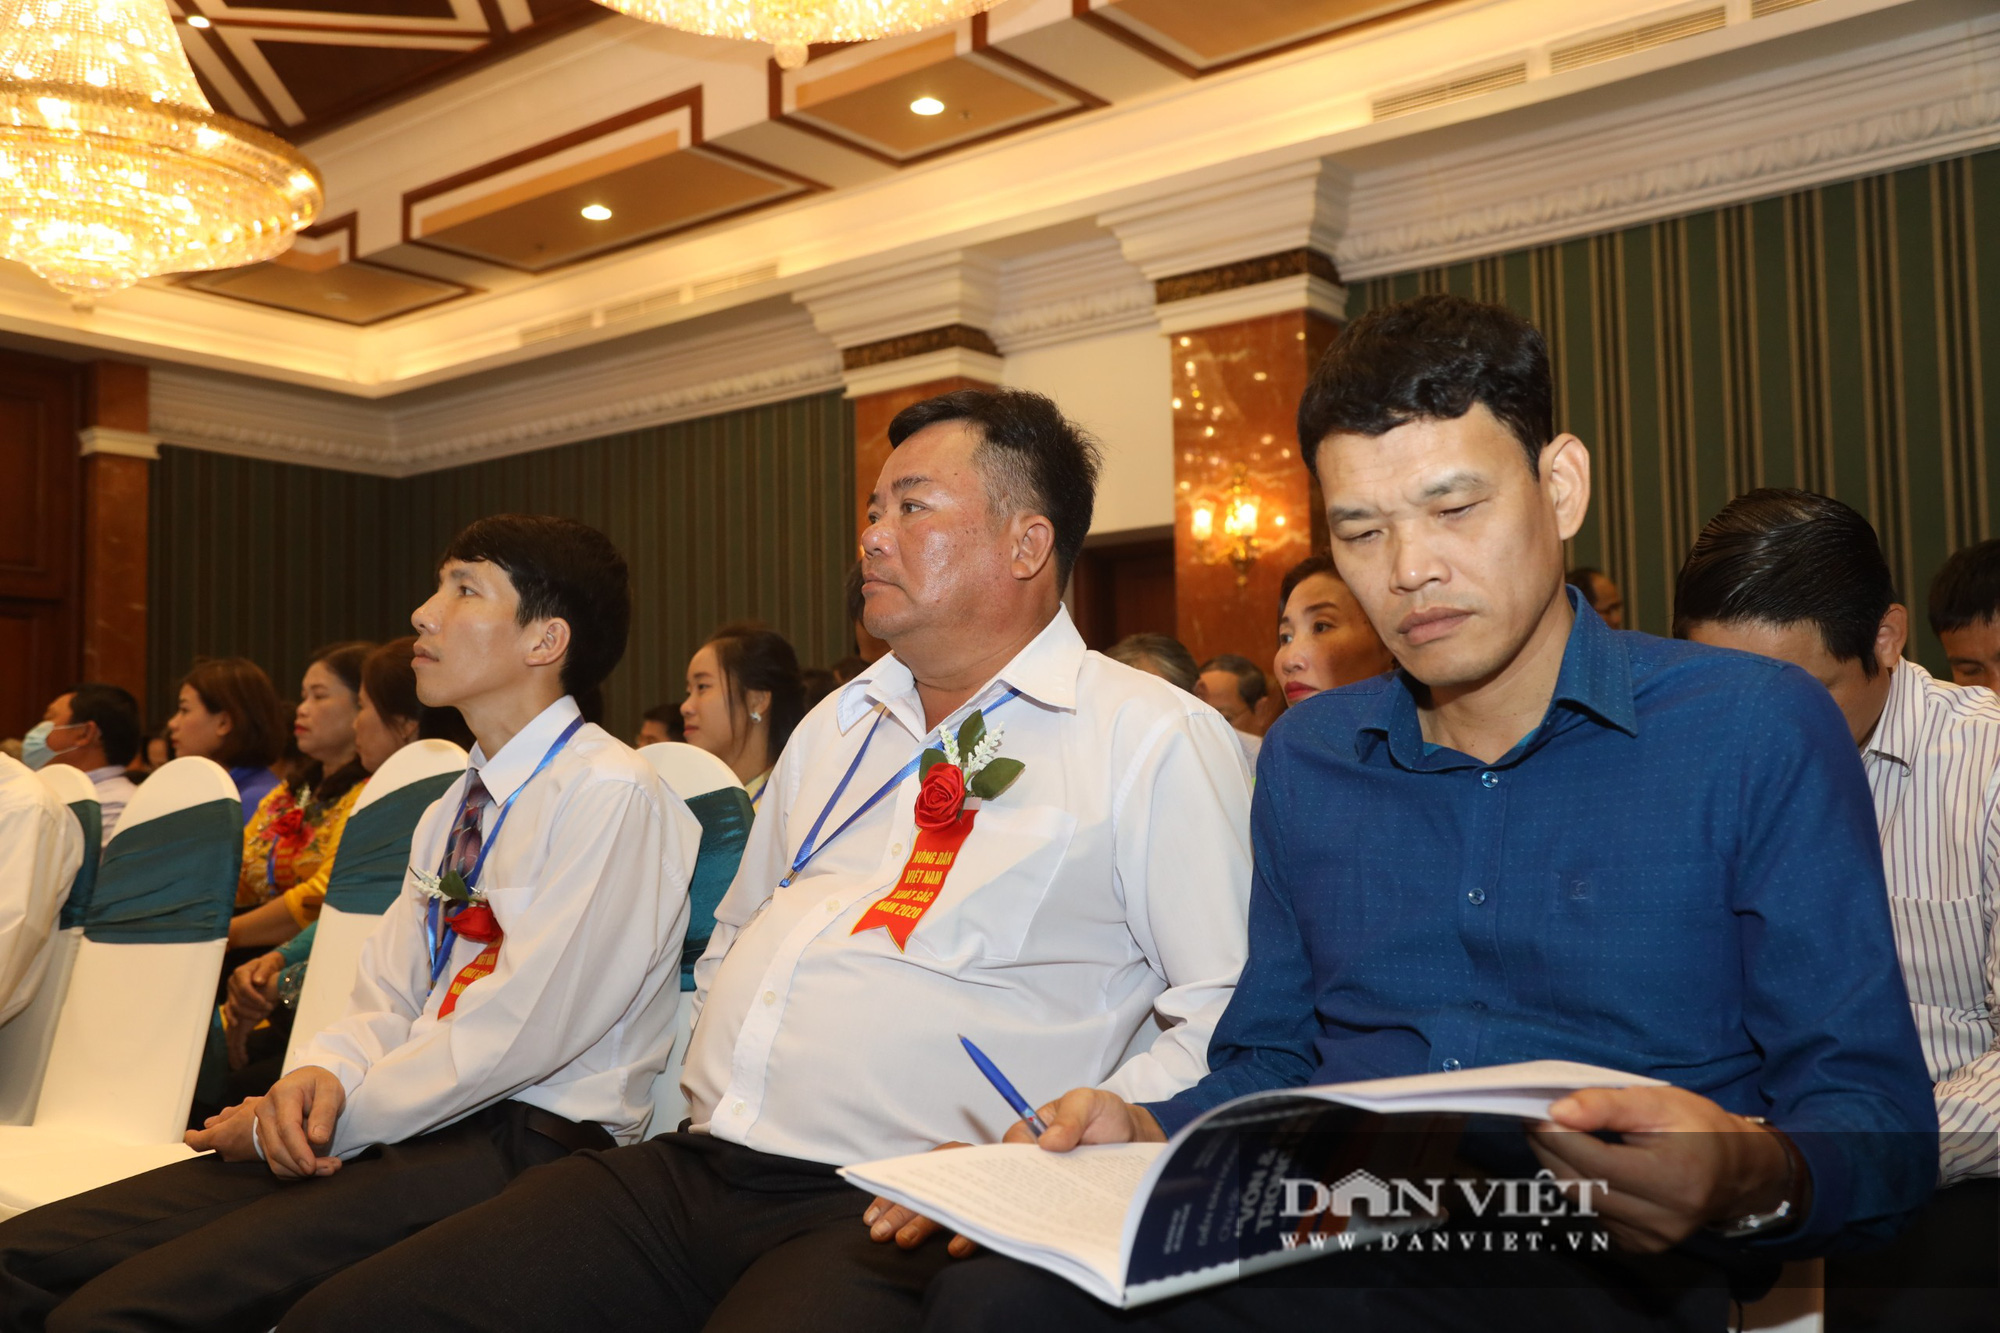 Chủ tịch Thào Xuân Sùng trực tiếp điều hành điẽn đang Nông dân lần thứ 5 - Ảnh 3.